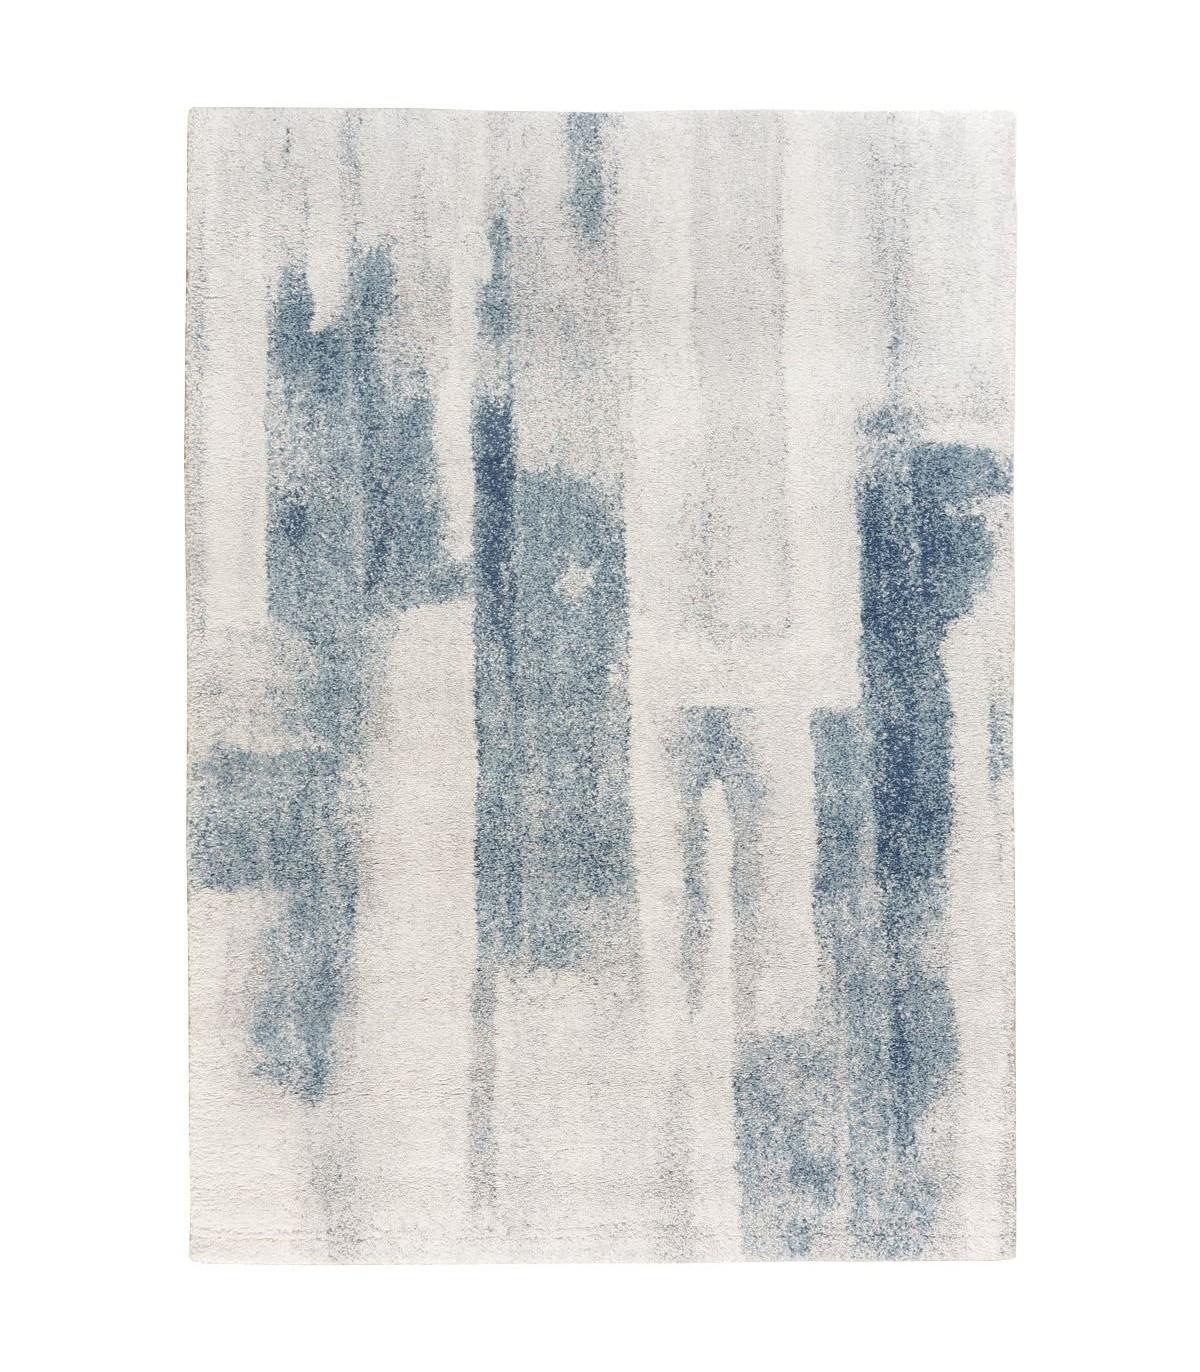 Alfombra moderna estilo arty en tonos azules y grises Clara 59